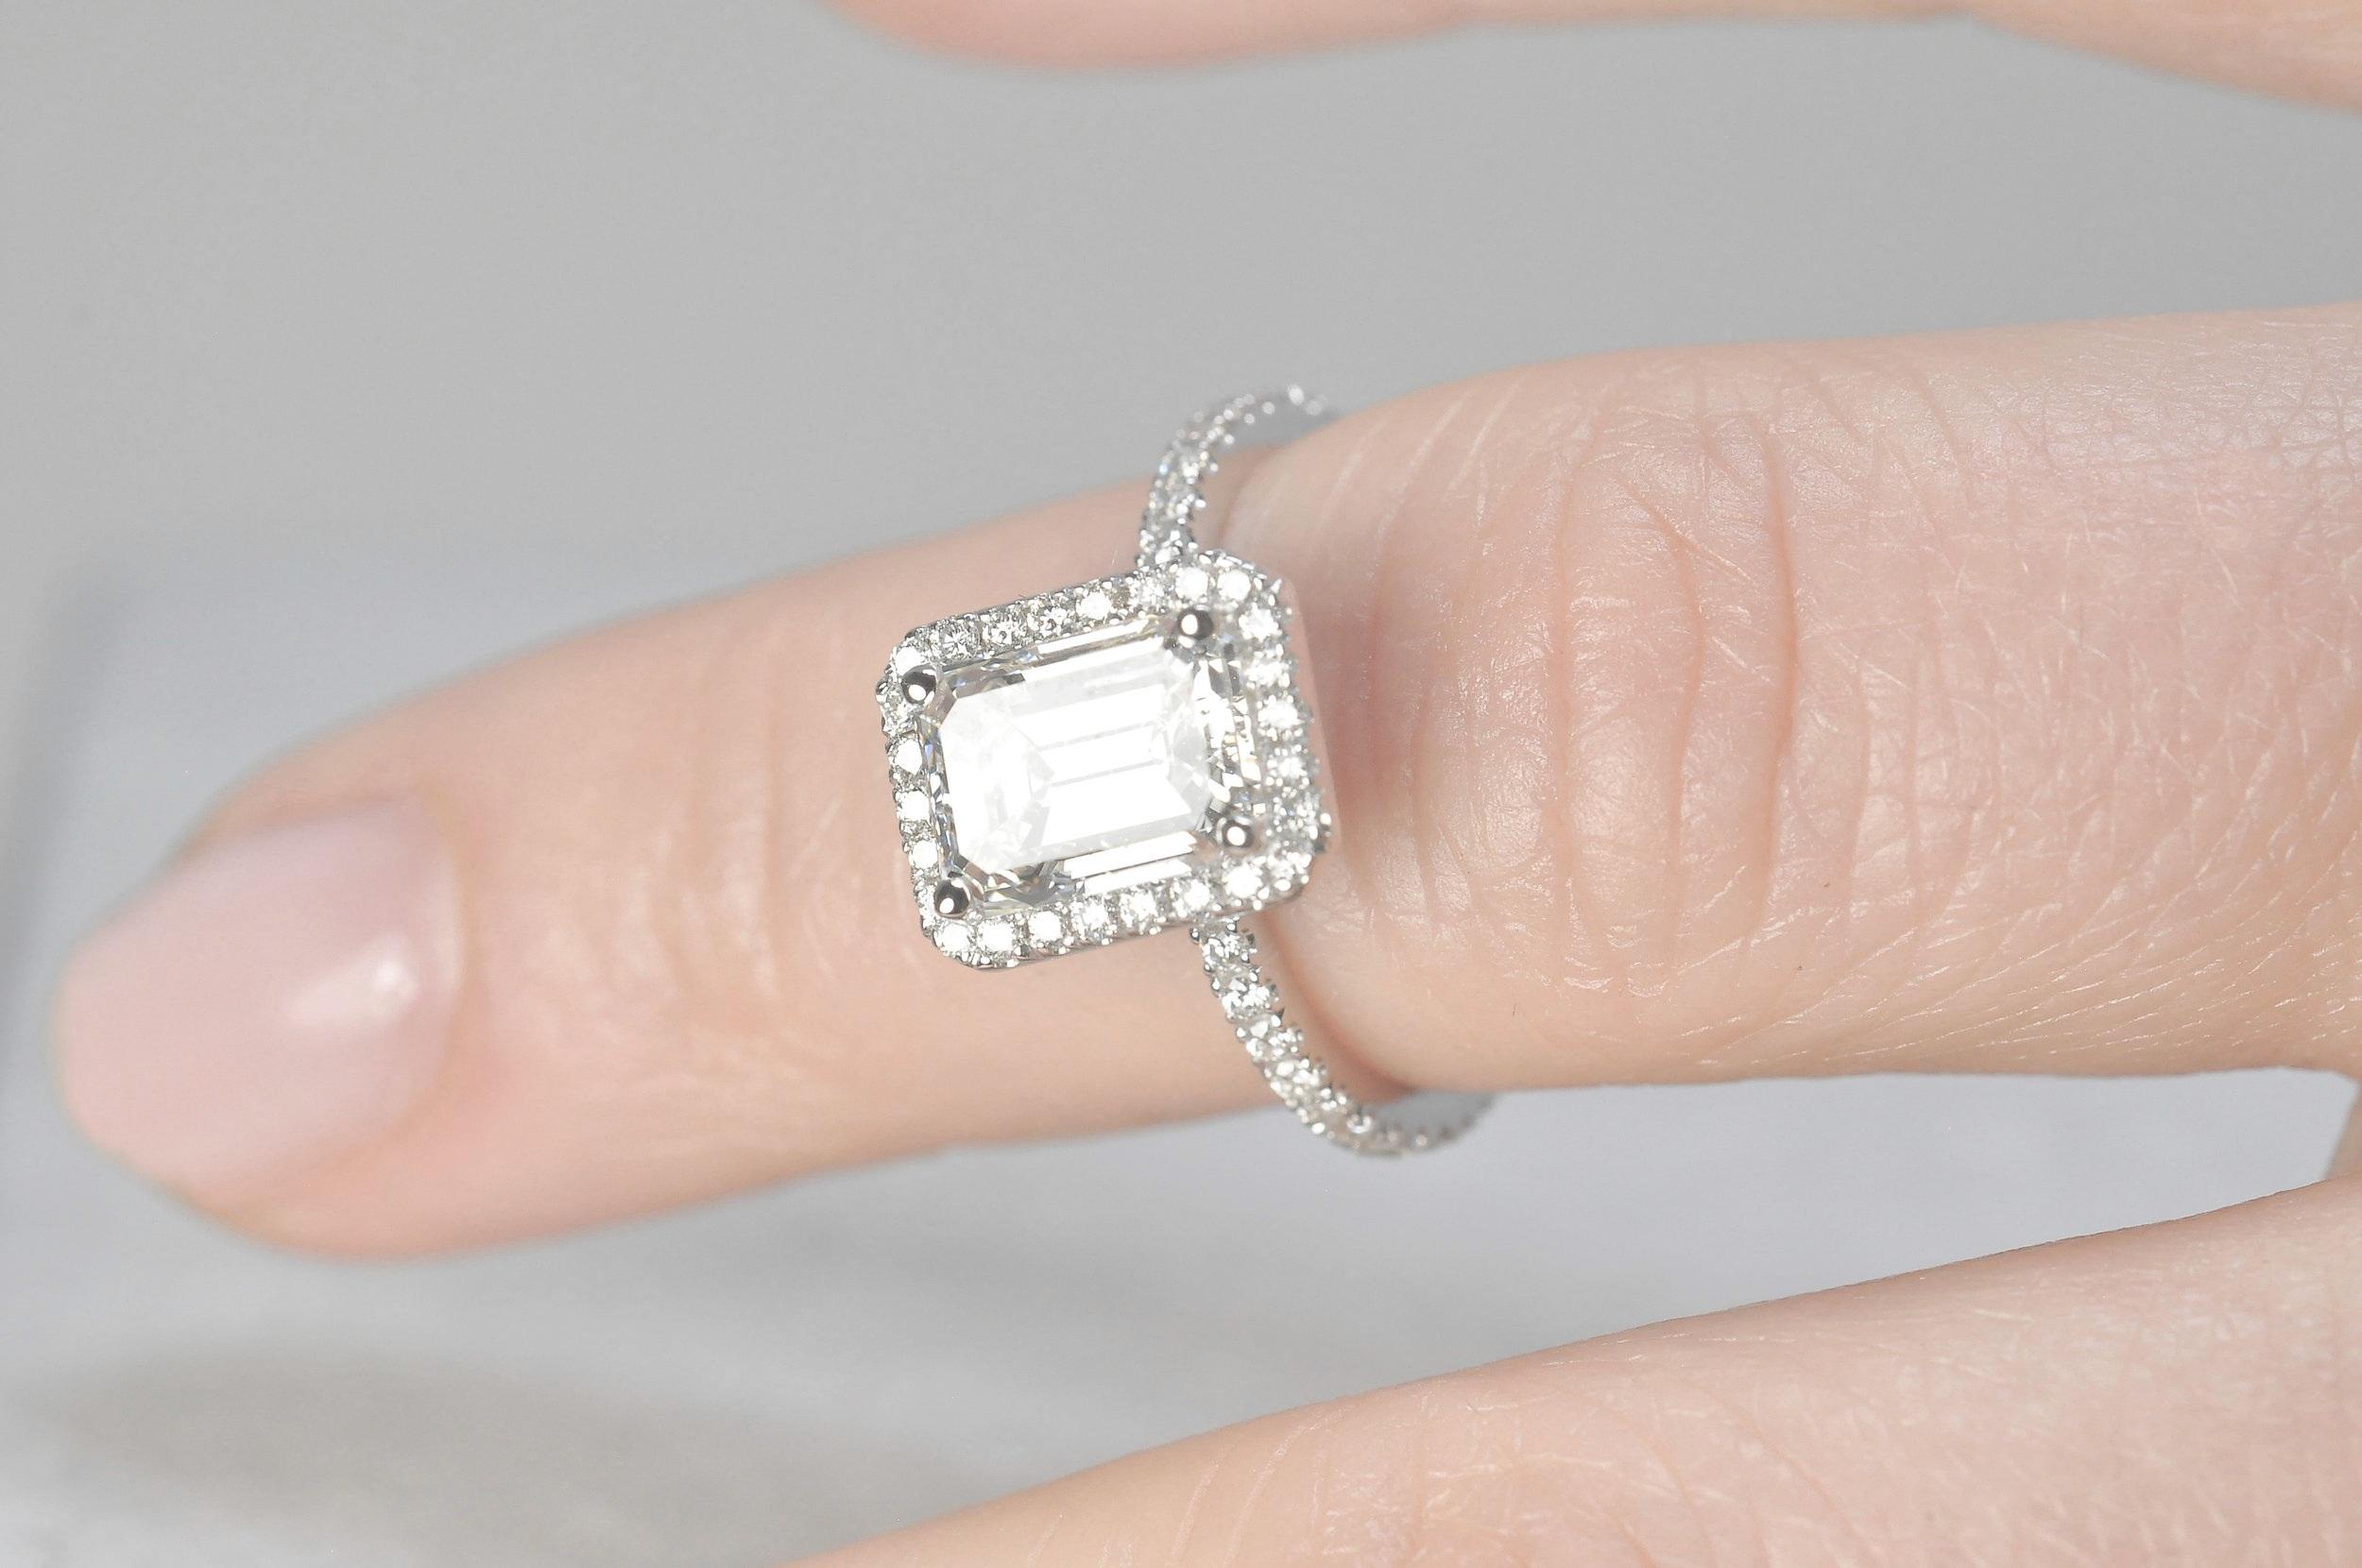 2 Carat Engagement Ring Toronto.jpg